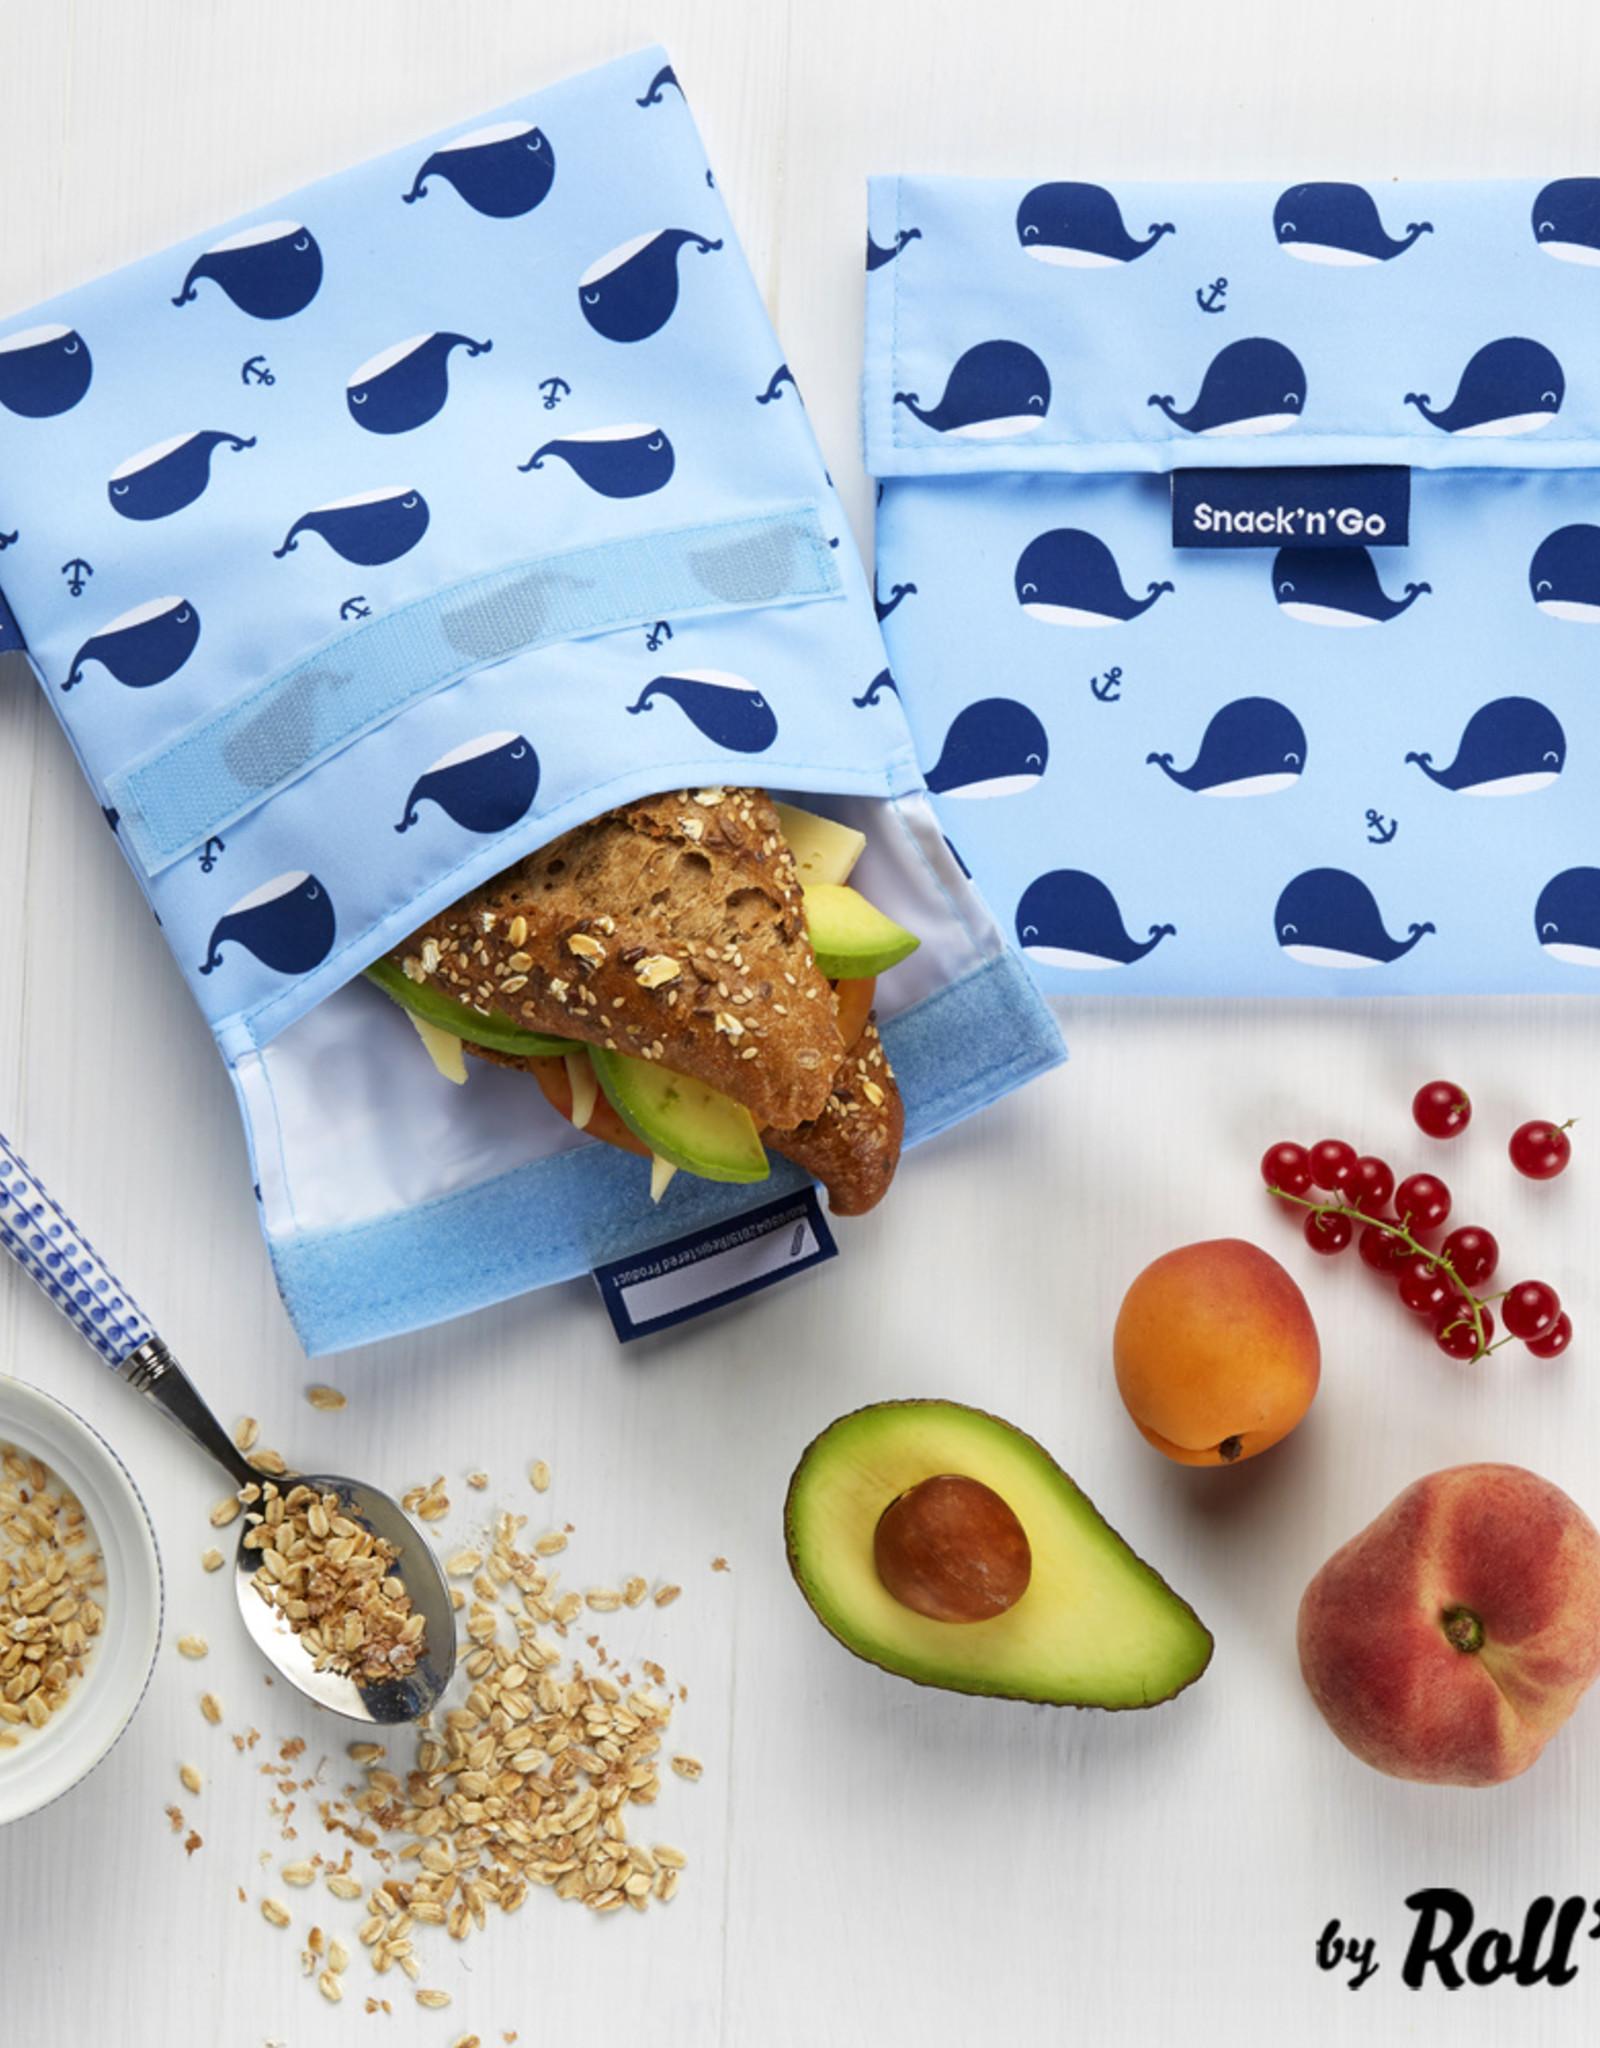 Snack'n Go met print